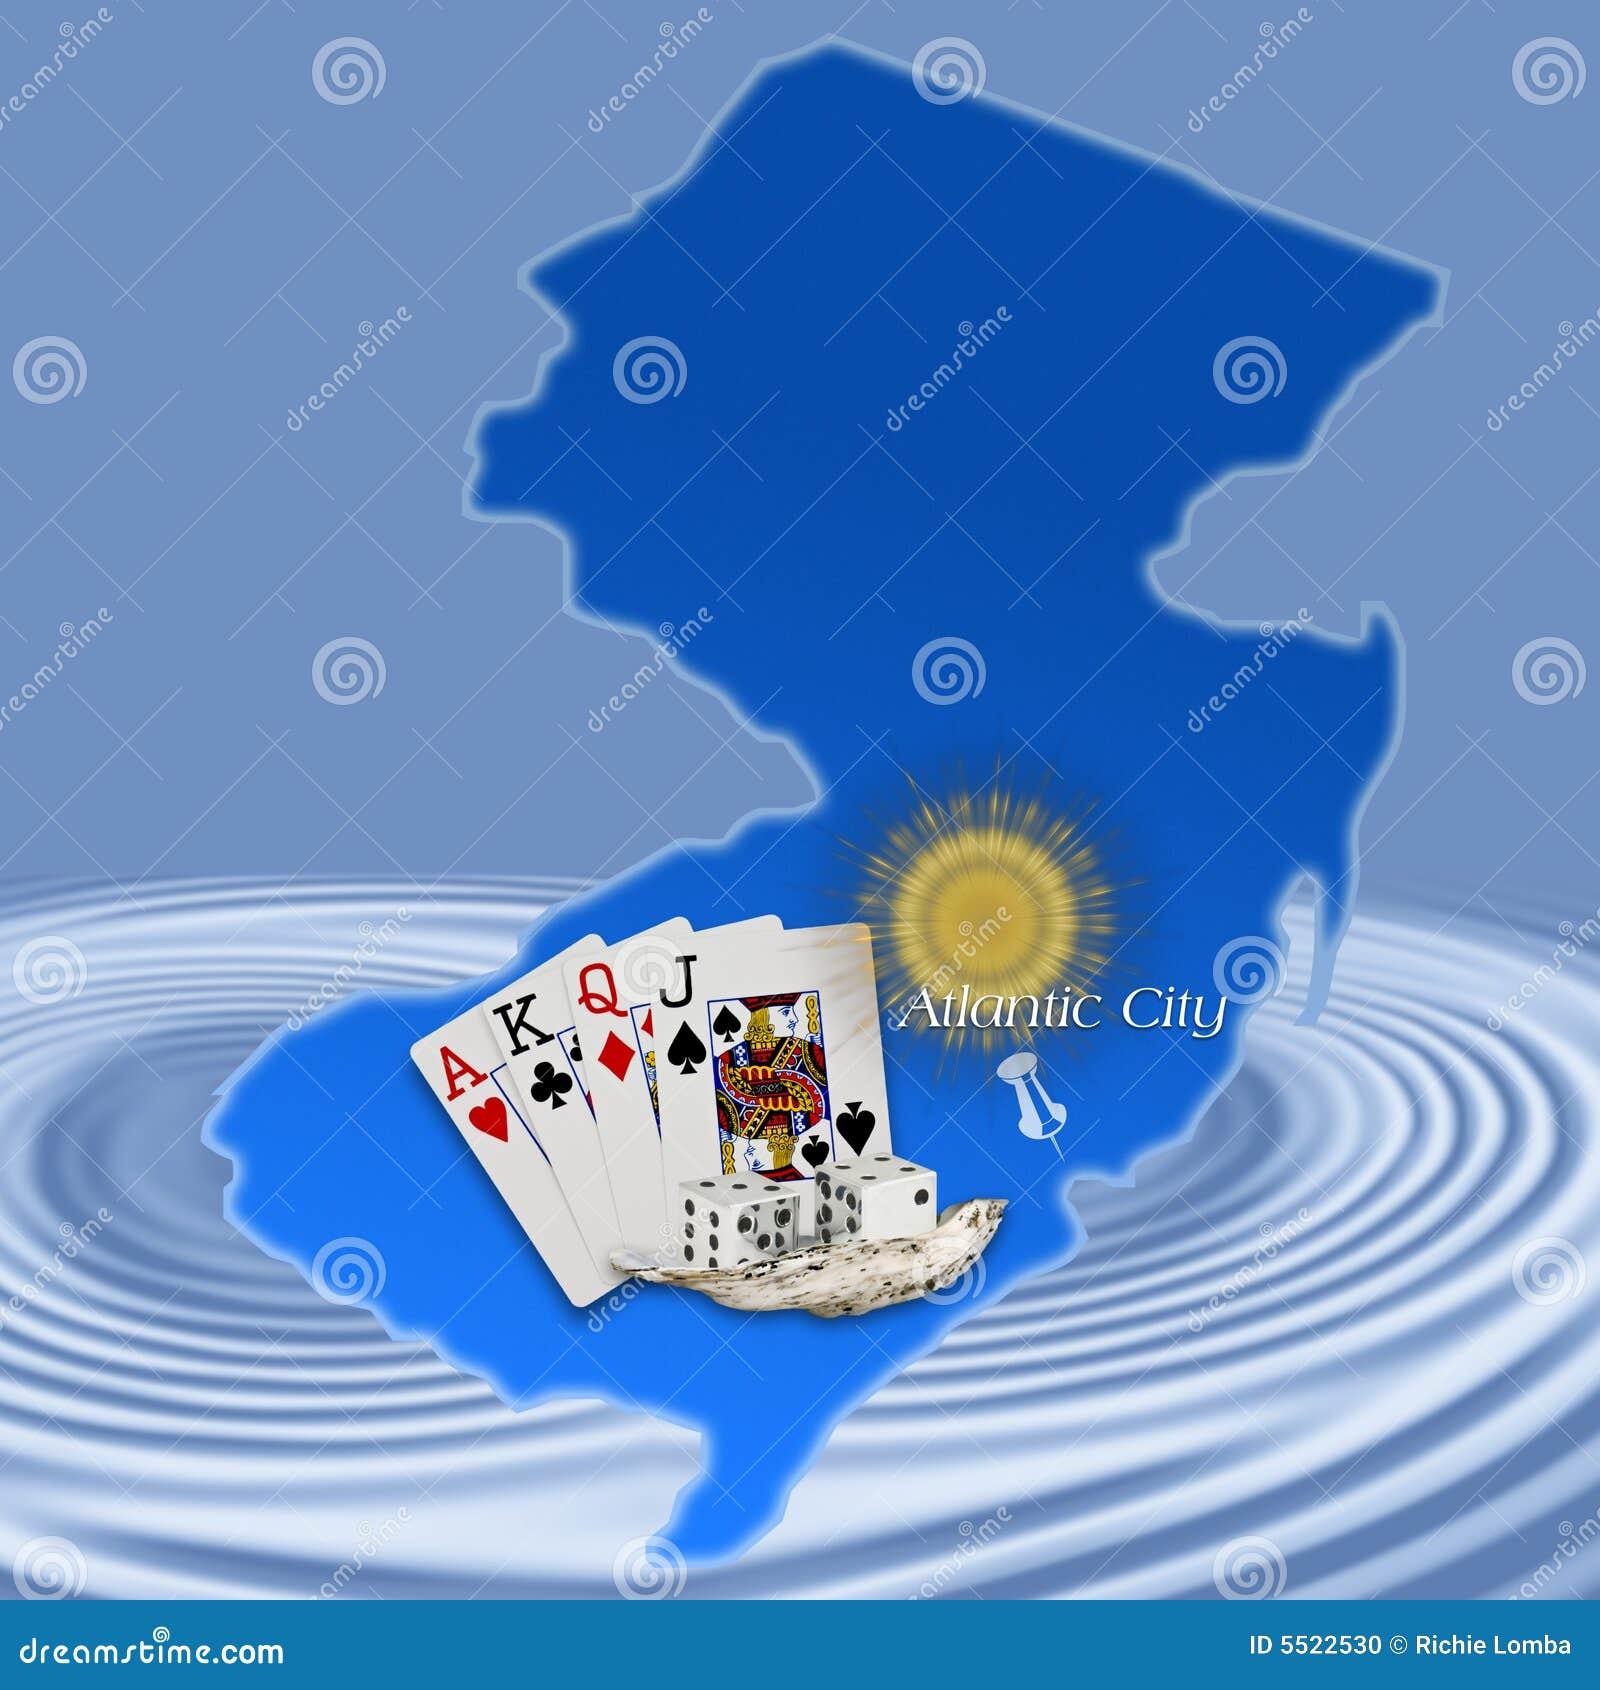 Atlantic city z jersey nową mapę